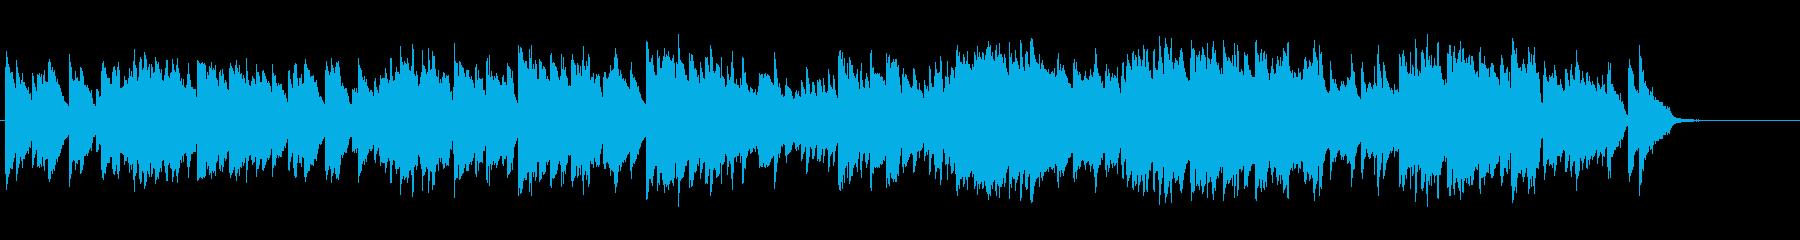 流れる様にメロディーが進んでいくピアノ曲の再生済みの波形